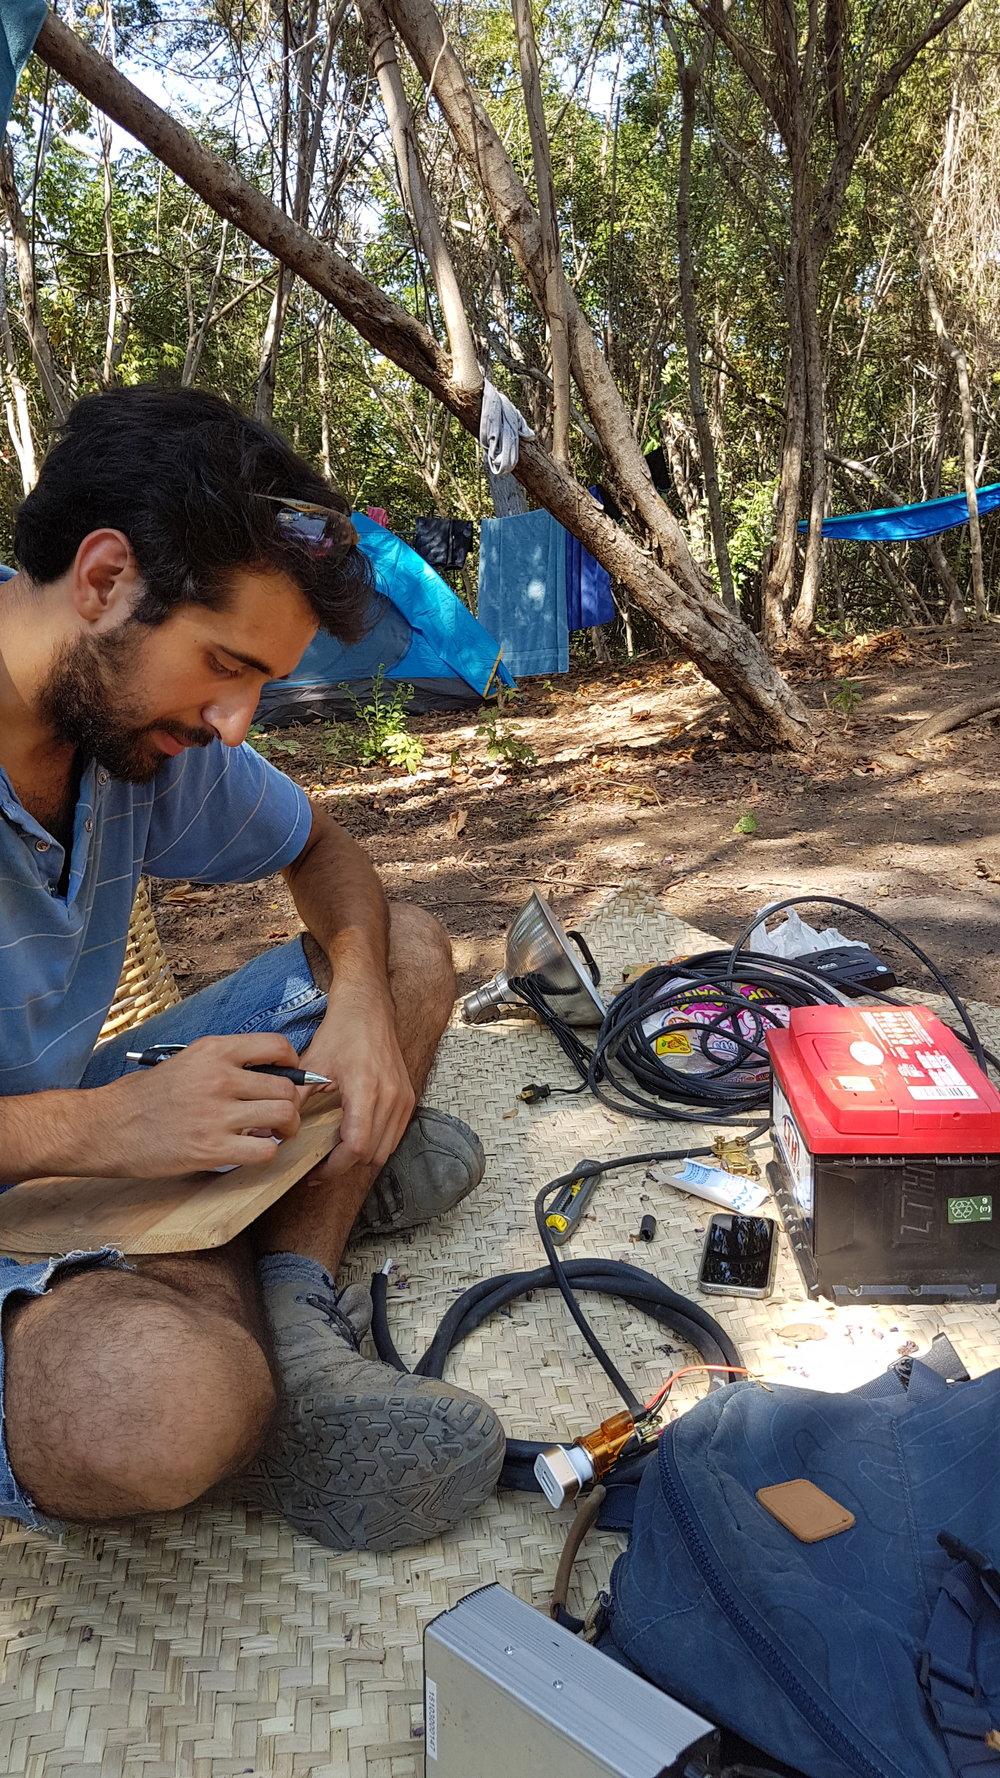 Mathieu - Mathieu es de Francia y asistió a Earthship Academy, así como a las clases de Aircrete, pero lo más importante es que es un increíble ingeniero. Ha sido un gran colaborador del orfanato y aún lo ayuda a crecer